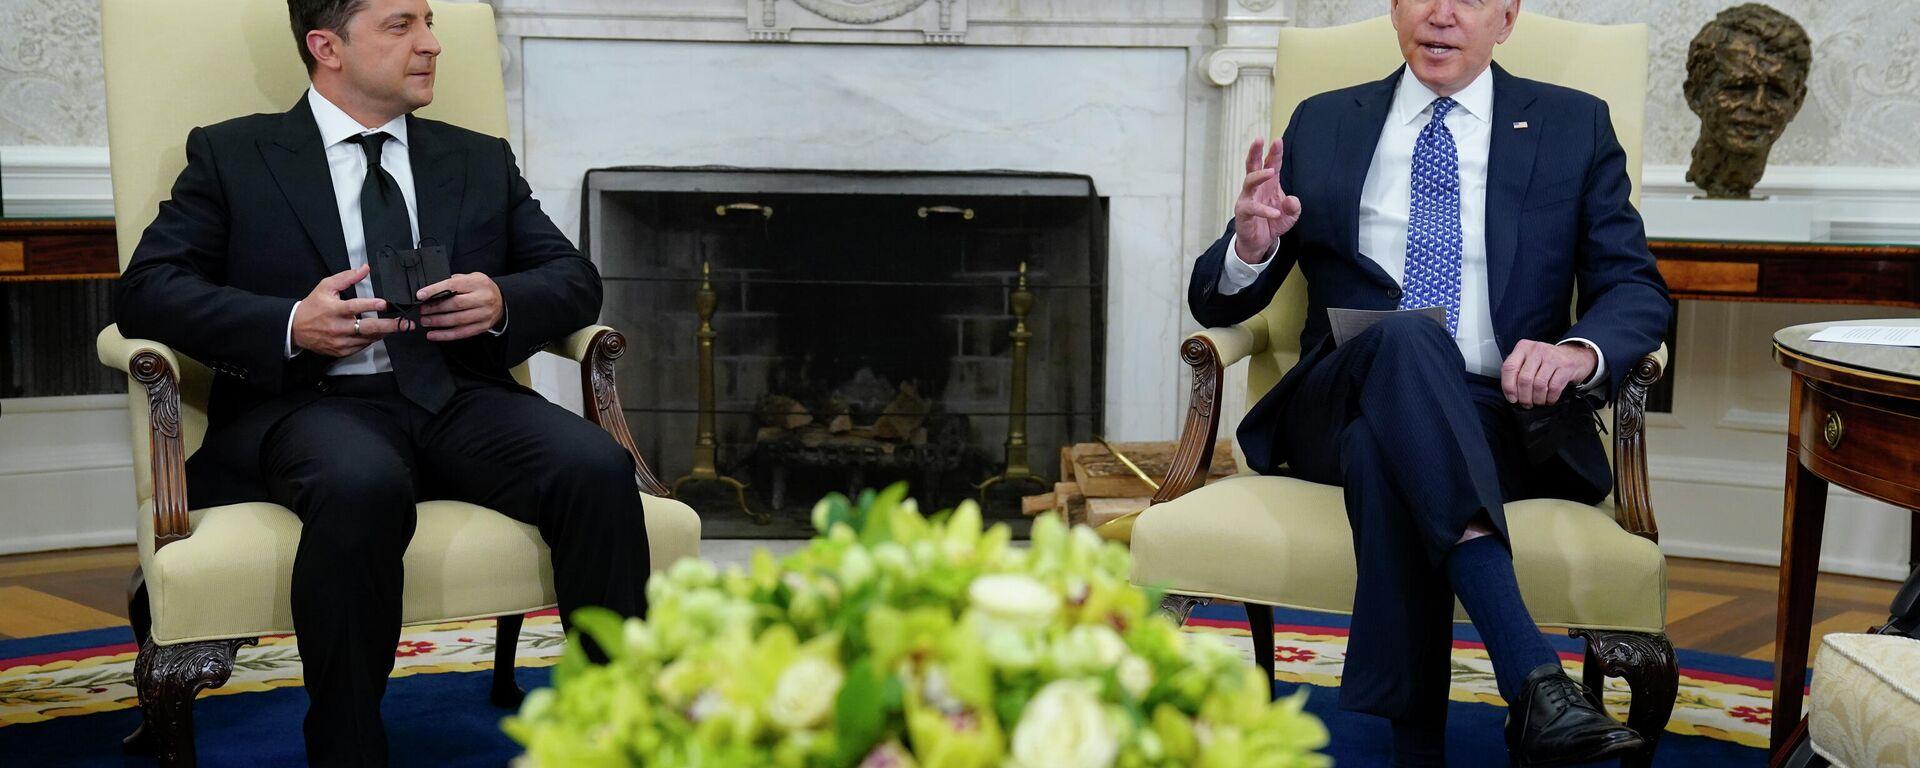 Президент Украины Владимир Зеленский во время встречи с президентом США Джо Байденом - Sputnik Узбекистан, 1920, 02.09.2021